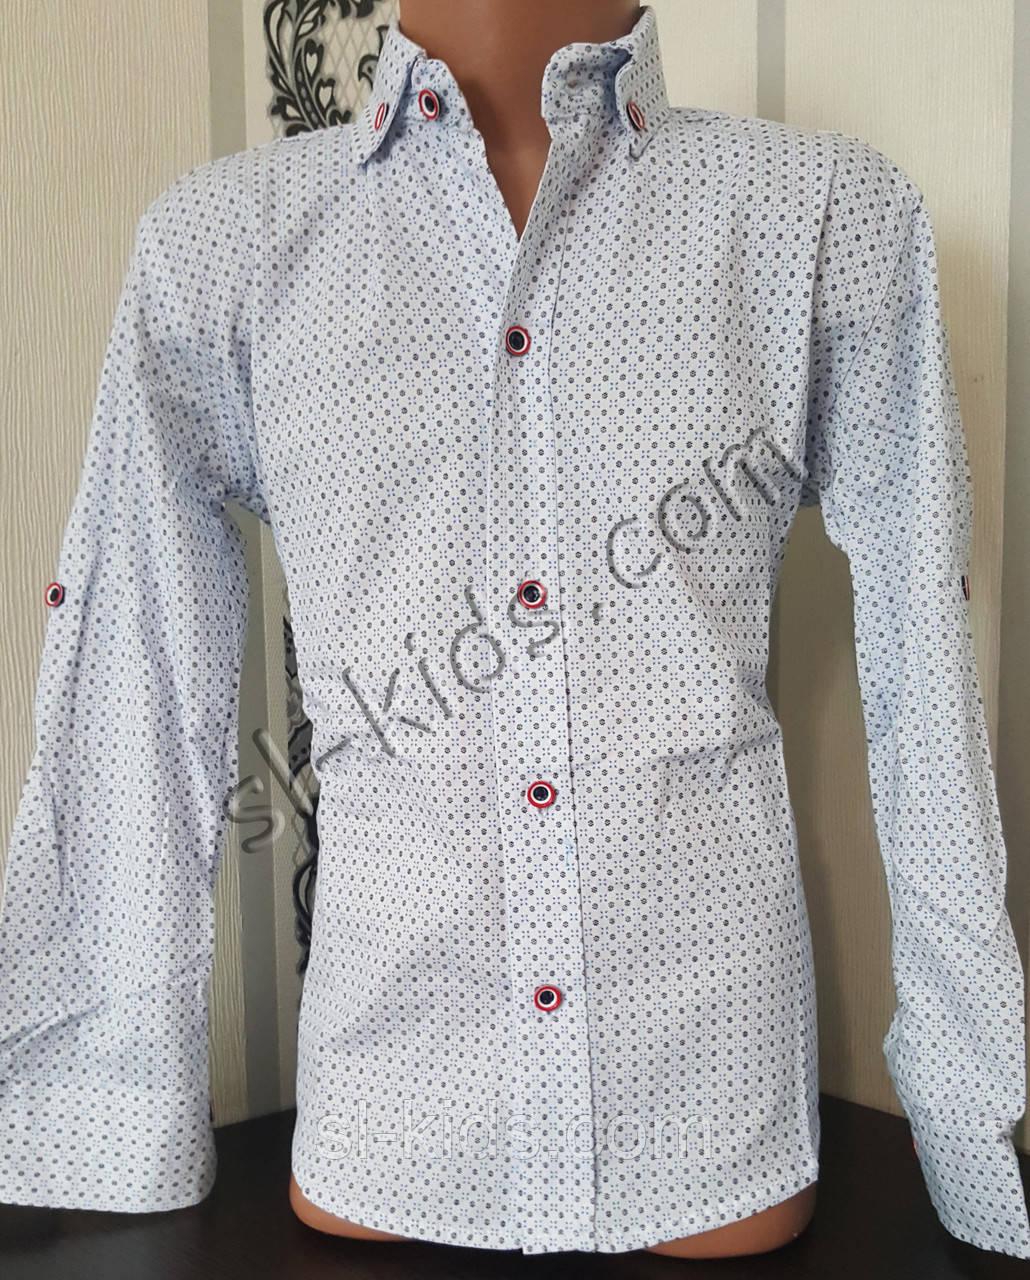 Стильна стрейчева сорочка для хлопчика 116-152 см (роздр) (БГ03) (пр. Туреччина)